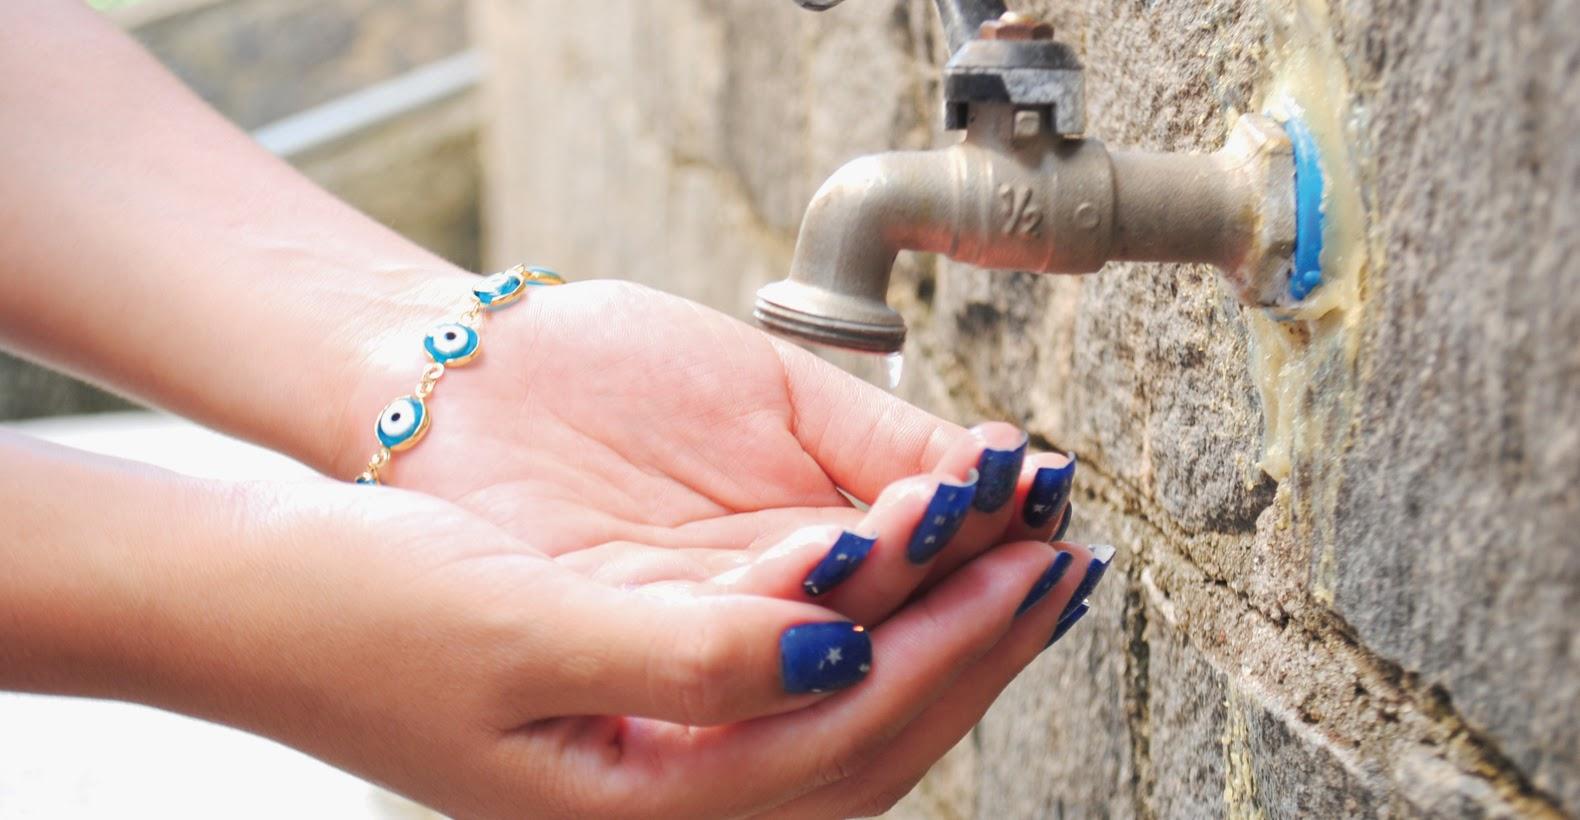 Crise hídrica: Site da Sabesp vai informar horários e locais em que deve faltar água